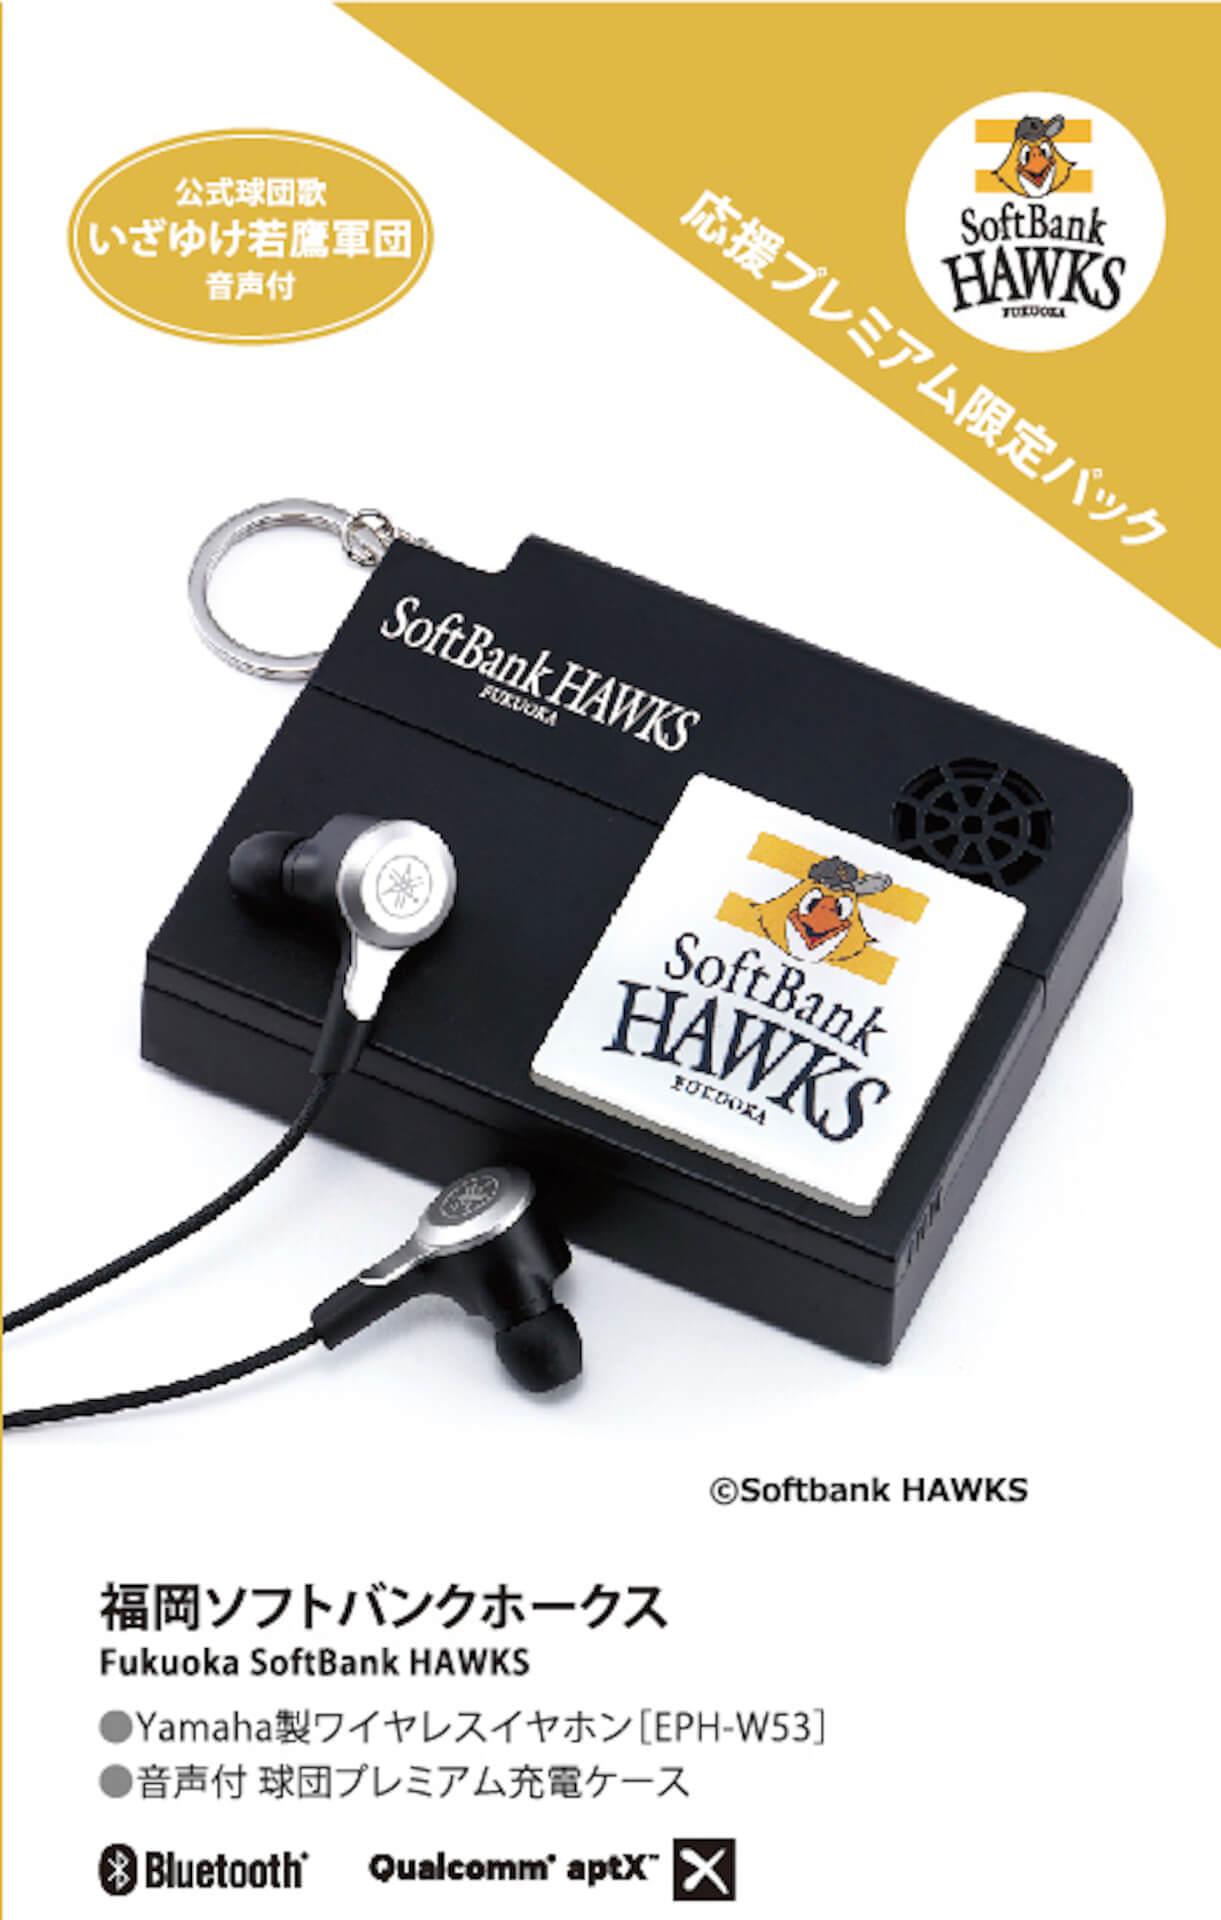 ホークス、タイガースにカープも!ワイヤレスイヤホンとプロ野球10球団別ロゴ入り充電ケースのセットが限定発売 tech191101_baseball_earphone_8